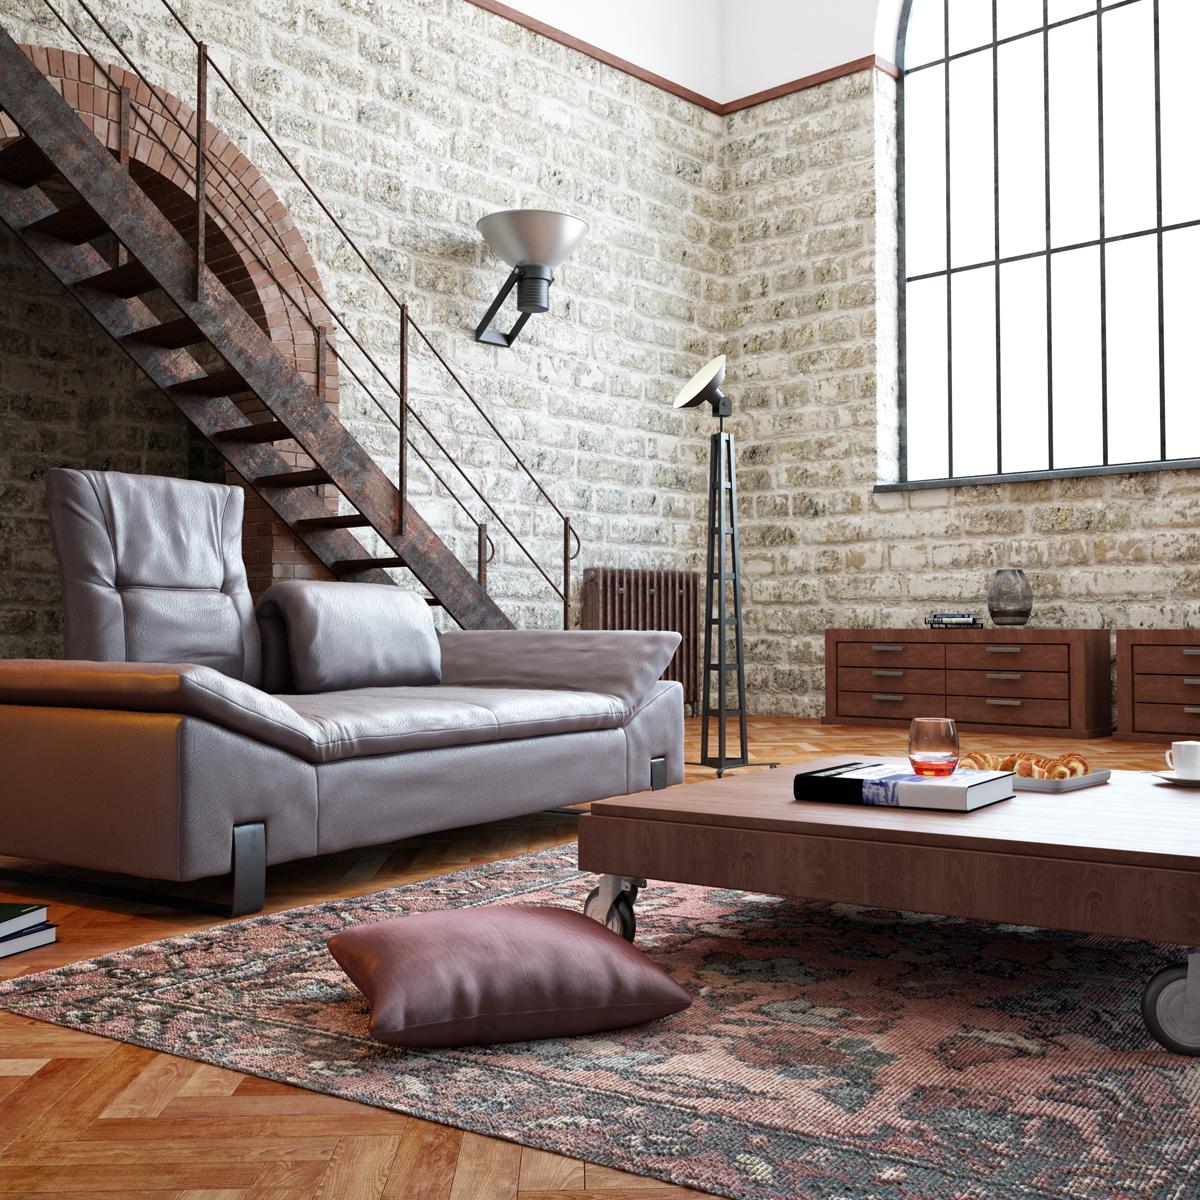 loft or a house